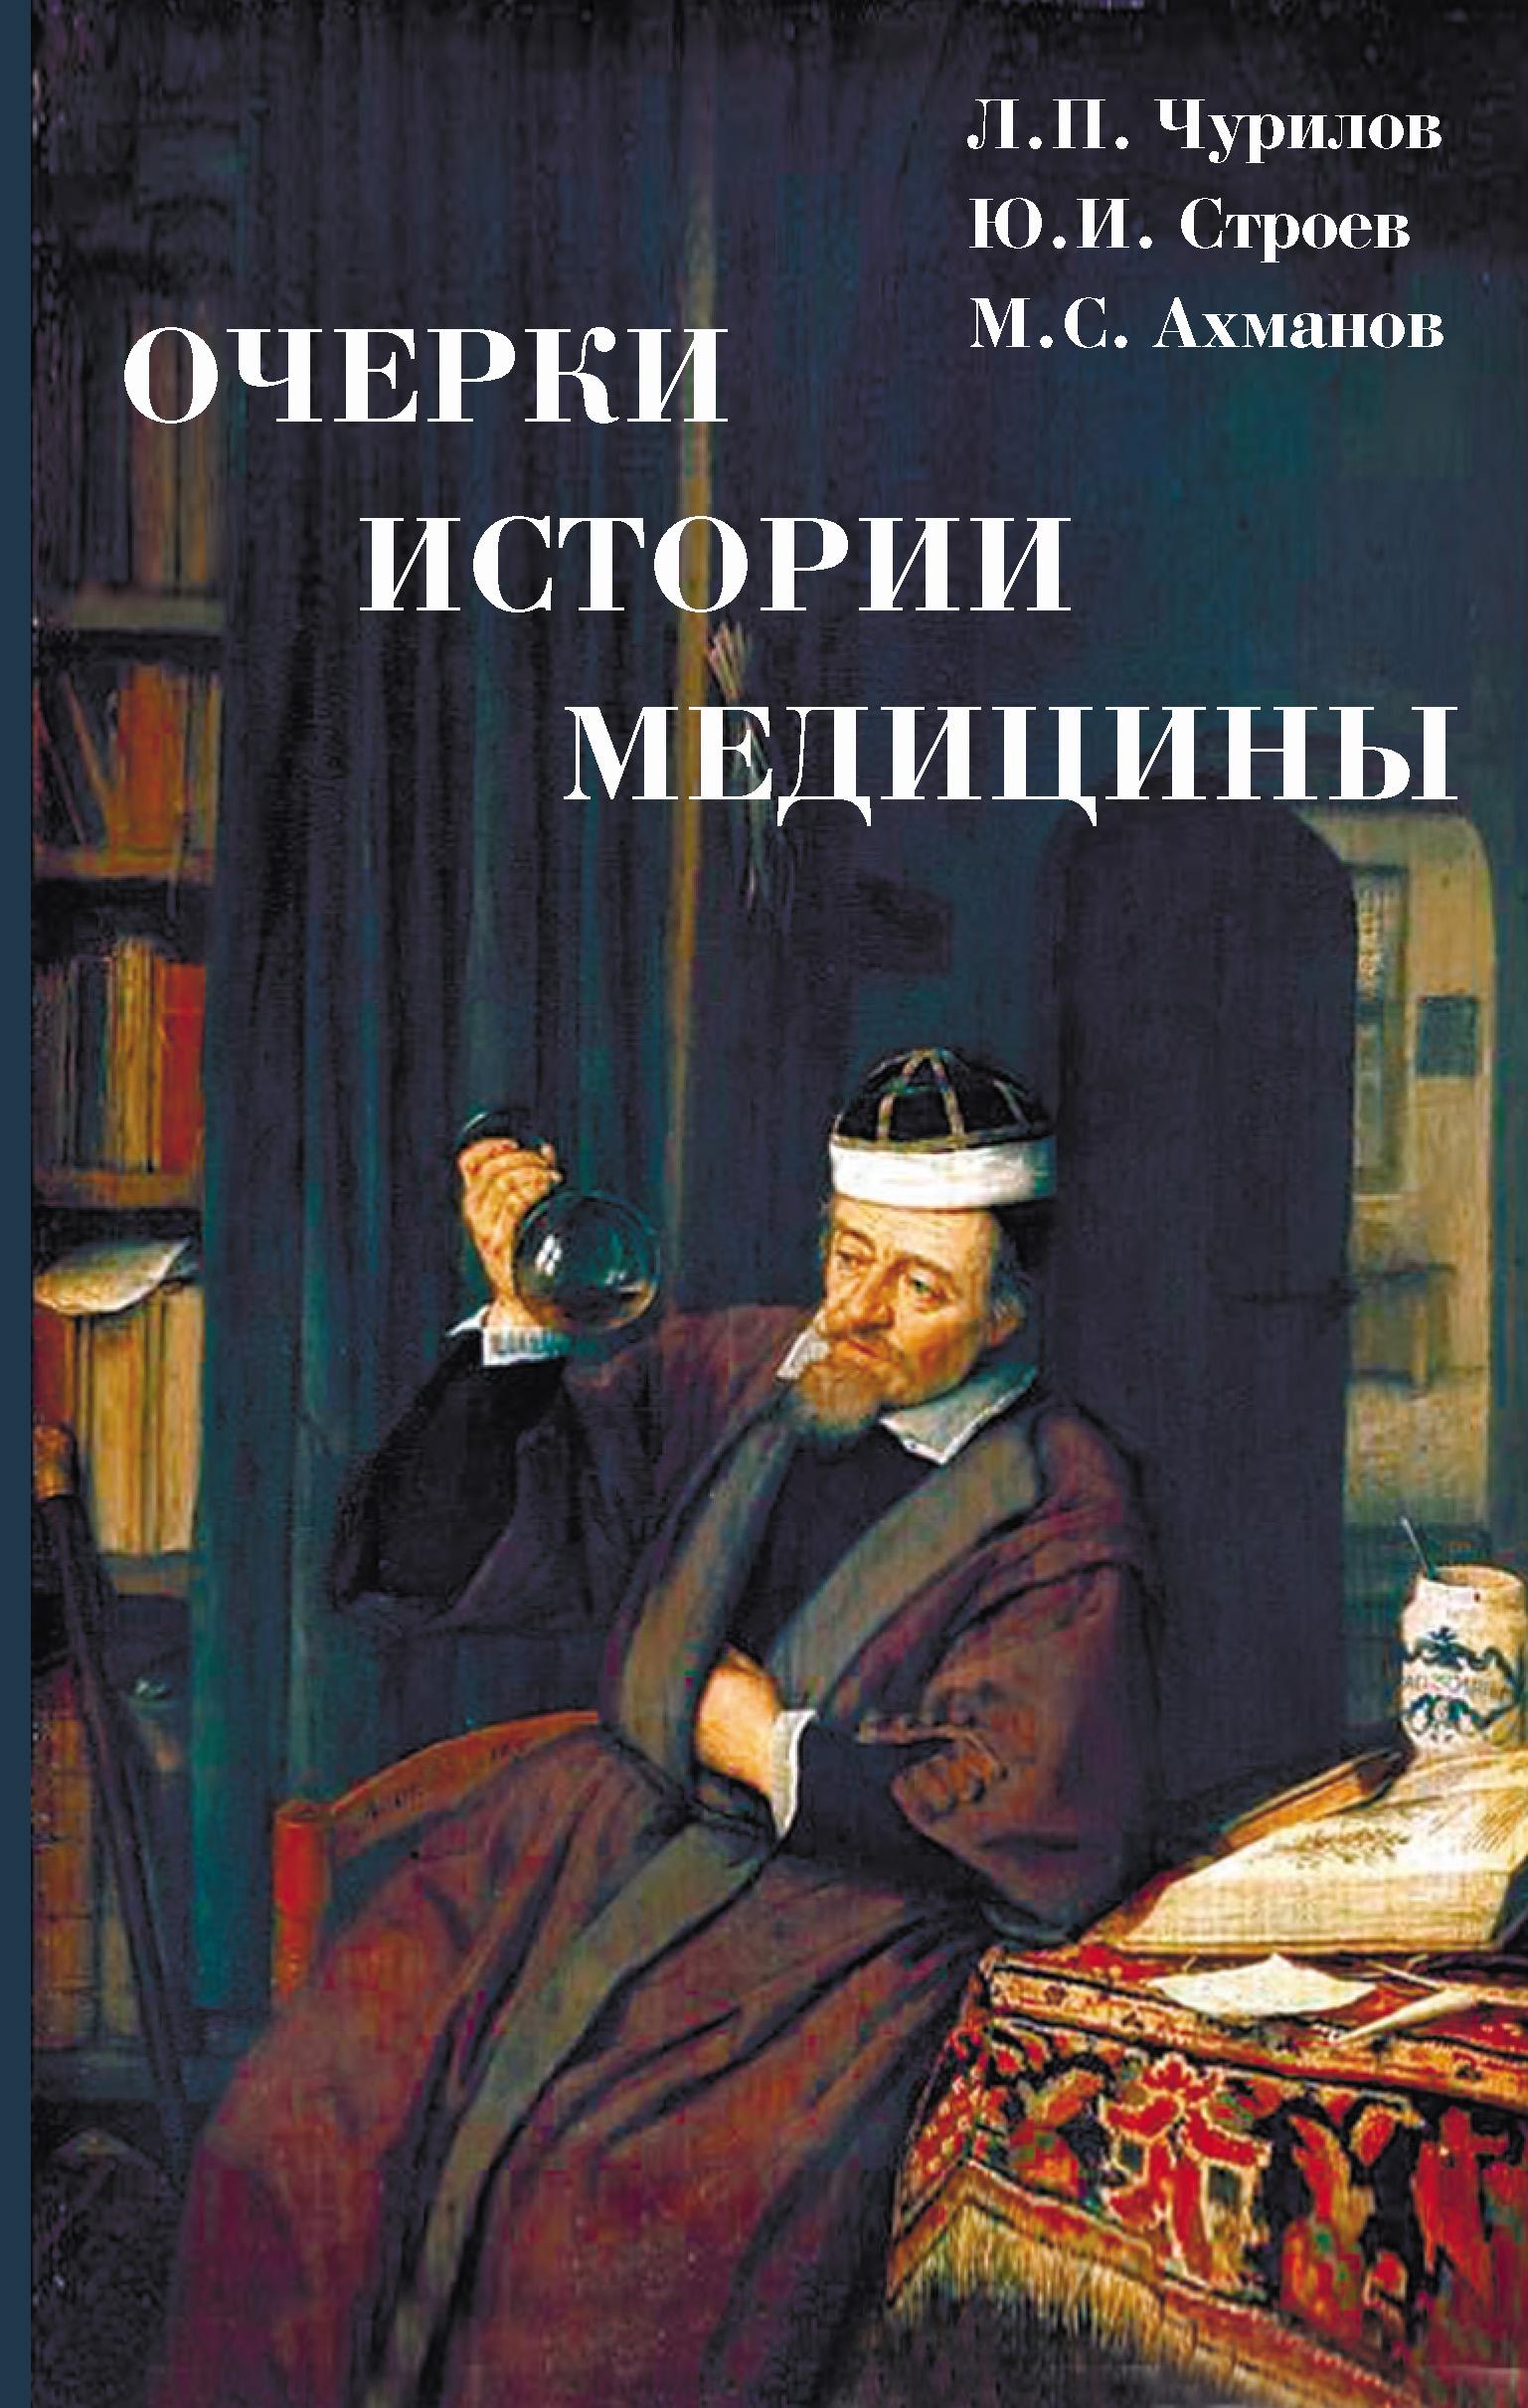 ocherki istorii meditsiny